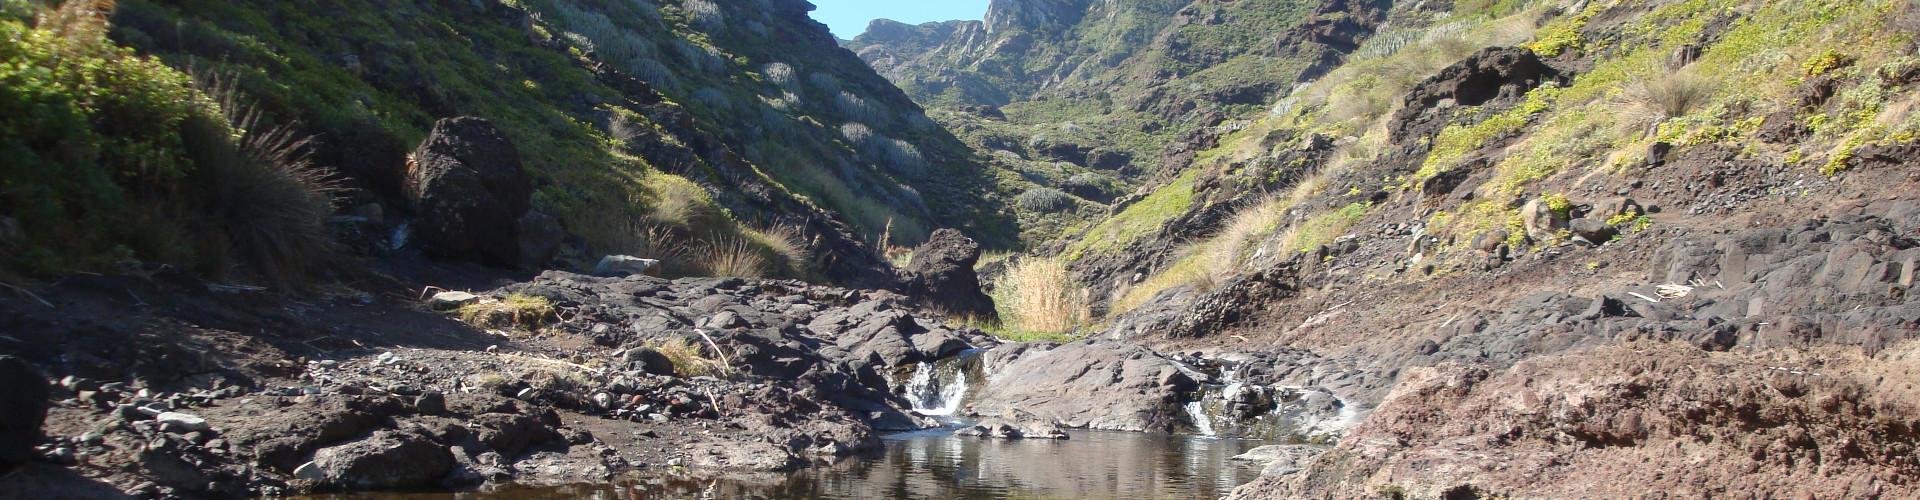 Barranco de Tamadite